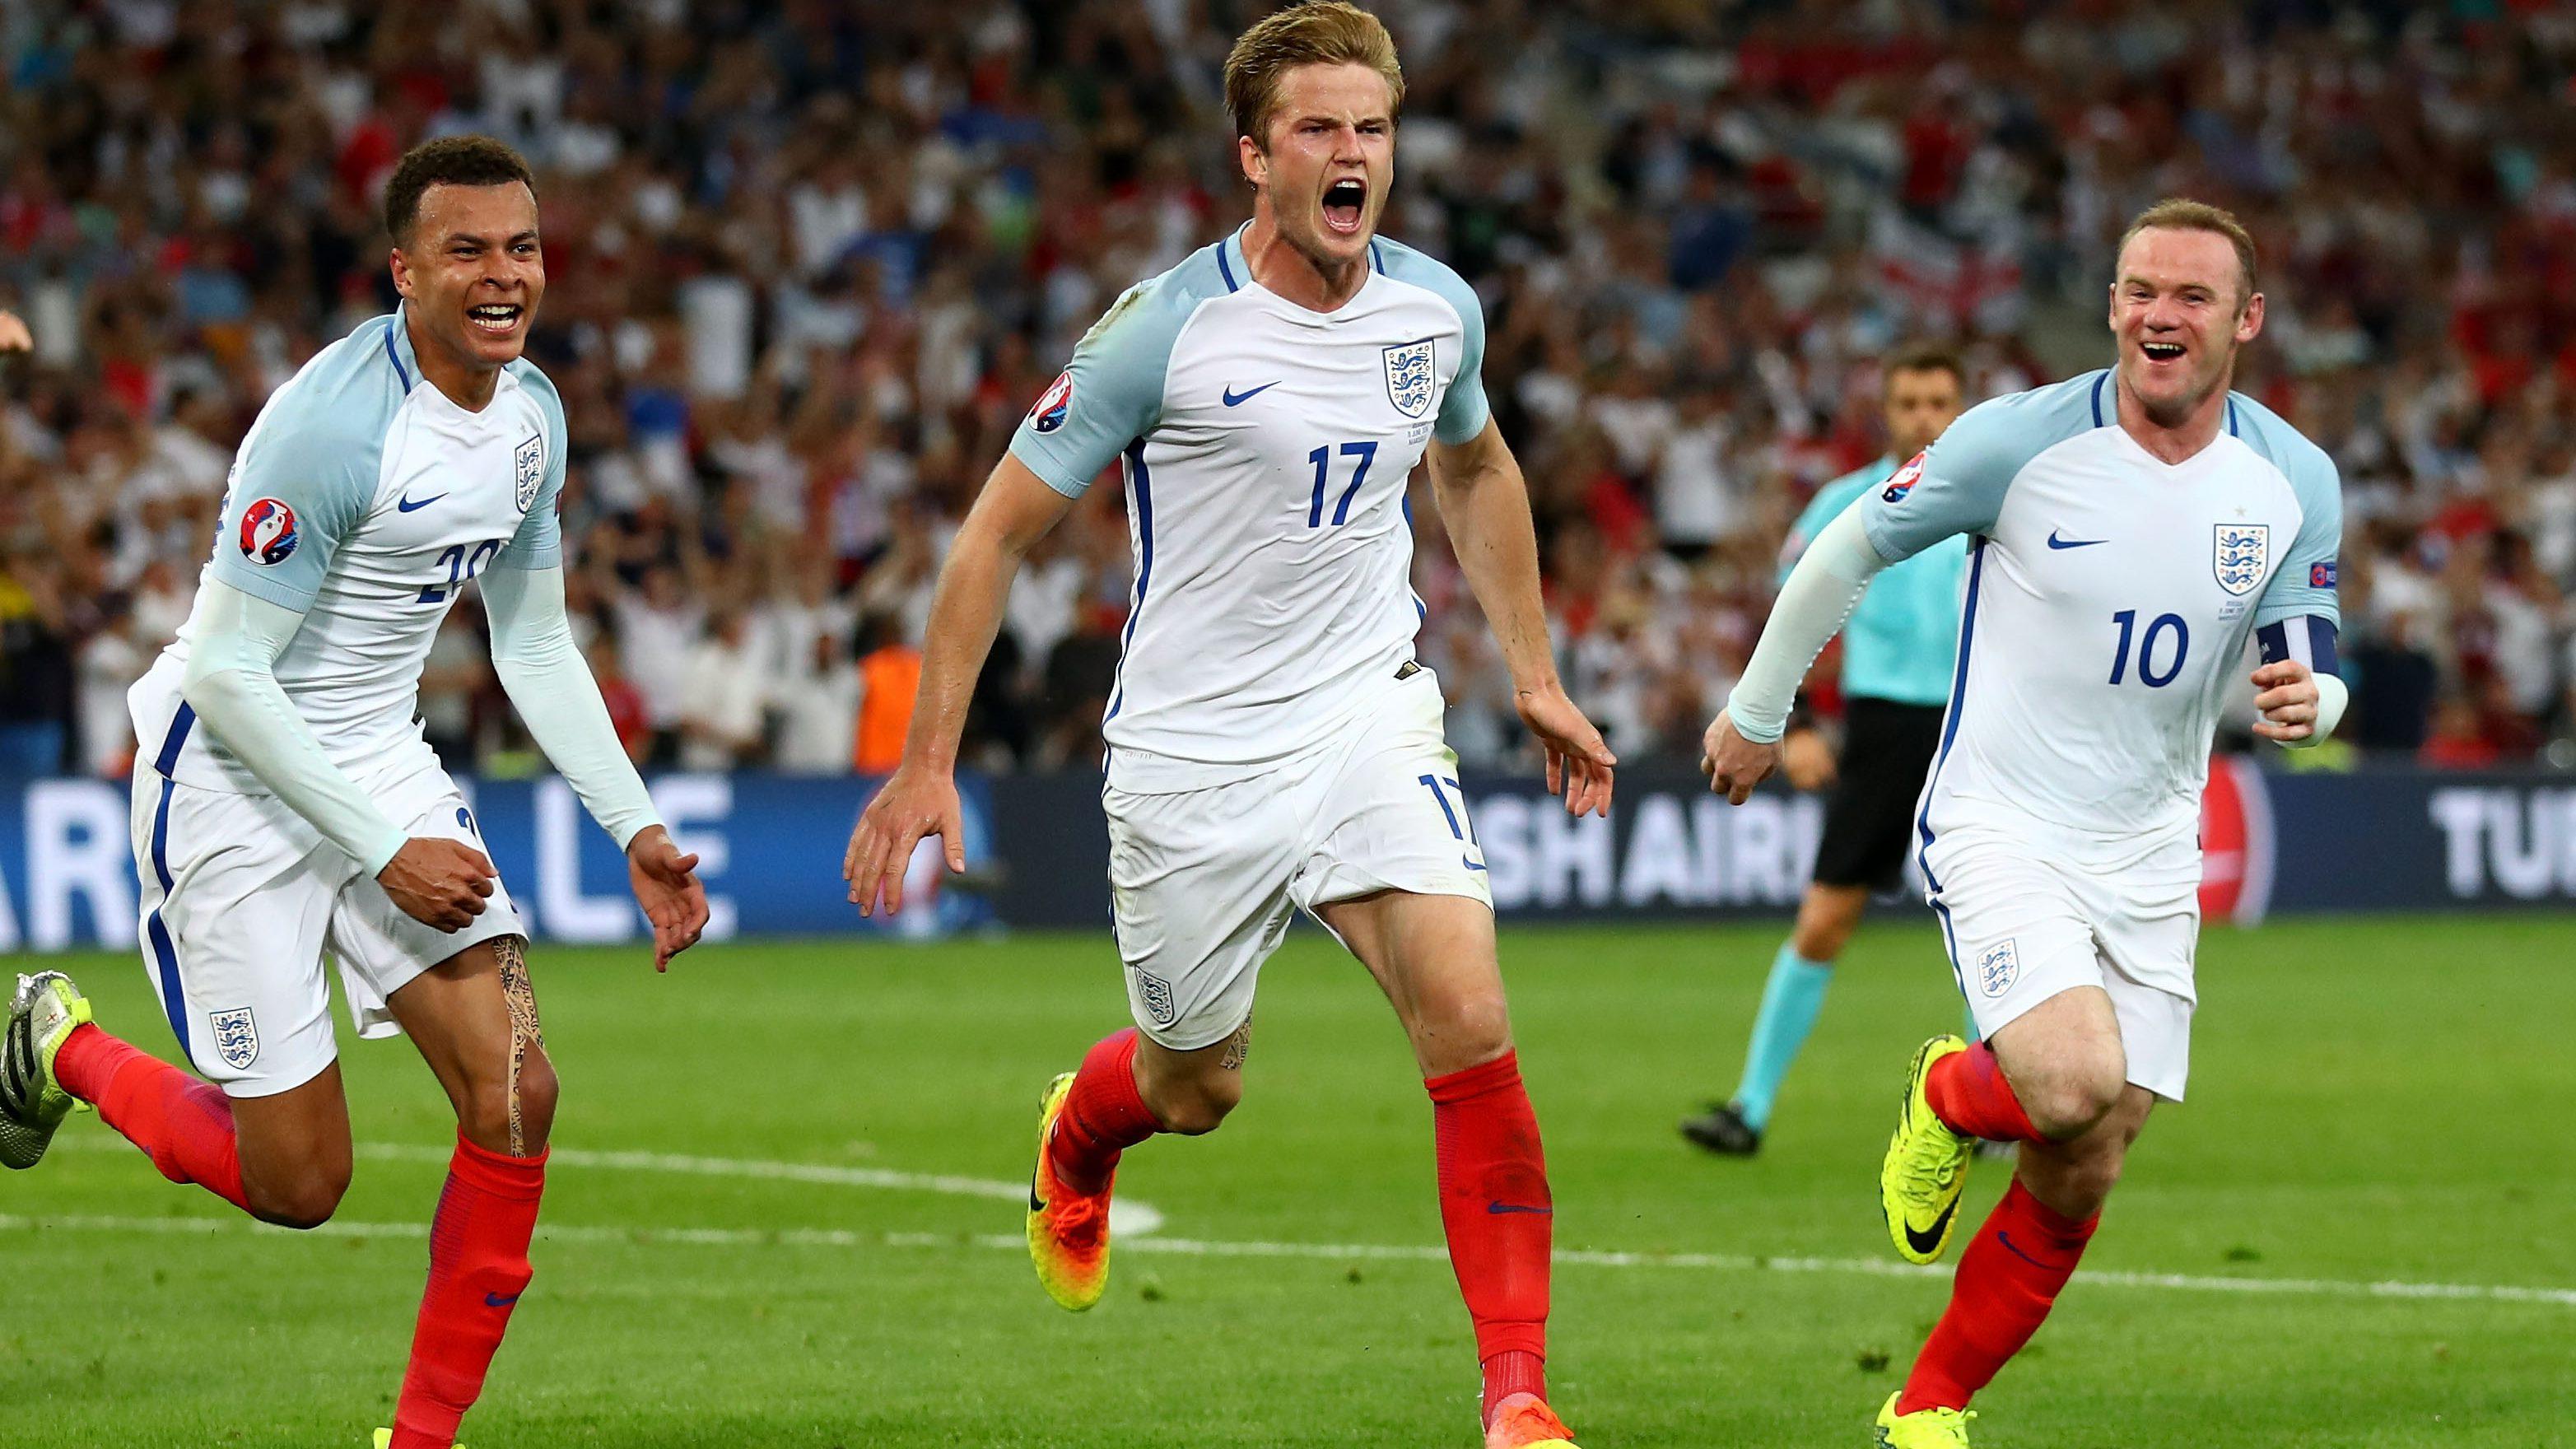 England Wales Live